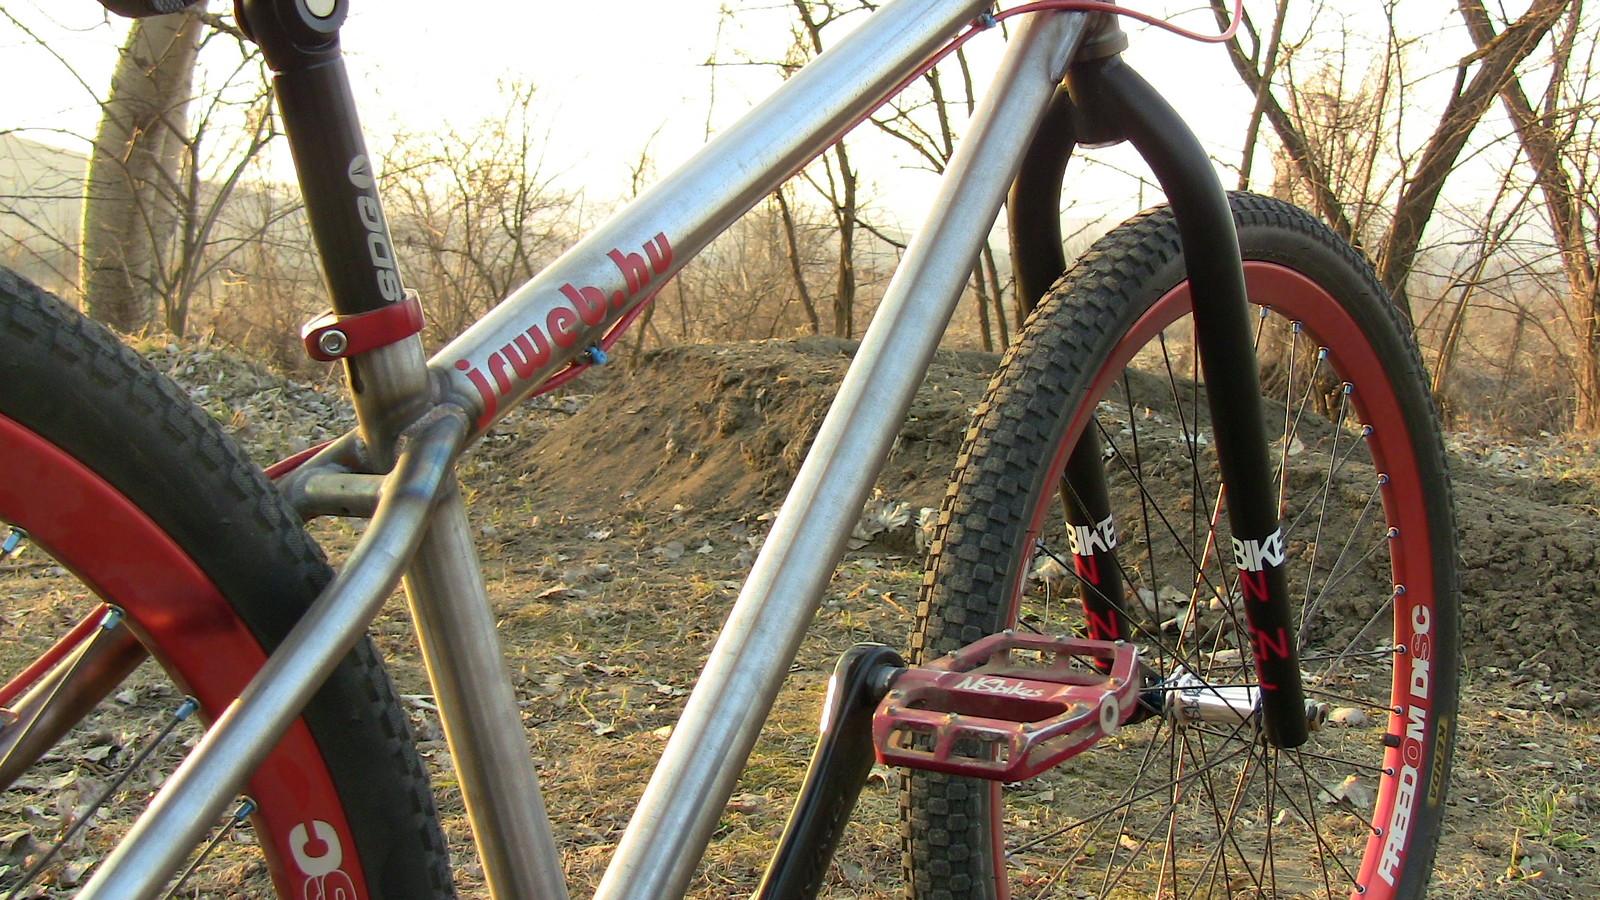 Mr-projekt prototype - zsooooti - Mountain Biking Pictures - Vital MTB